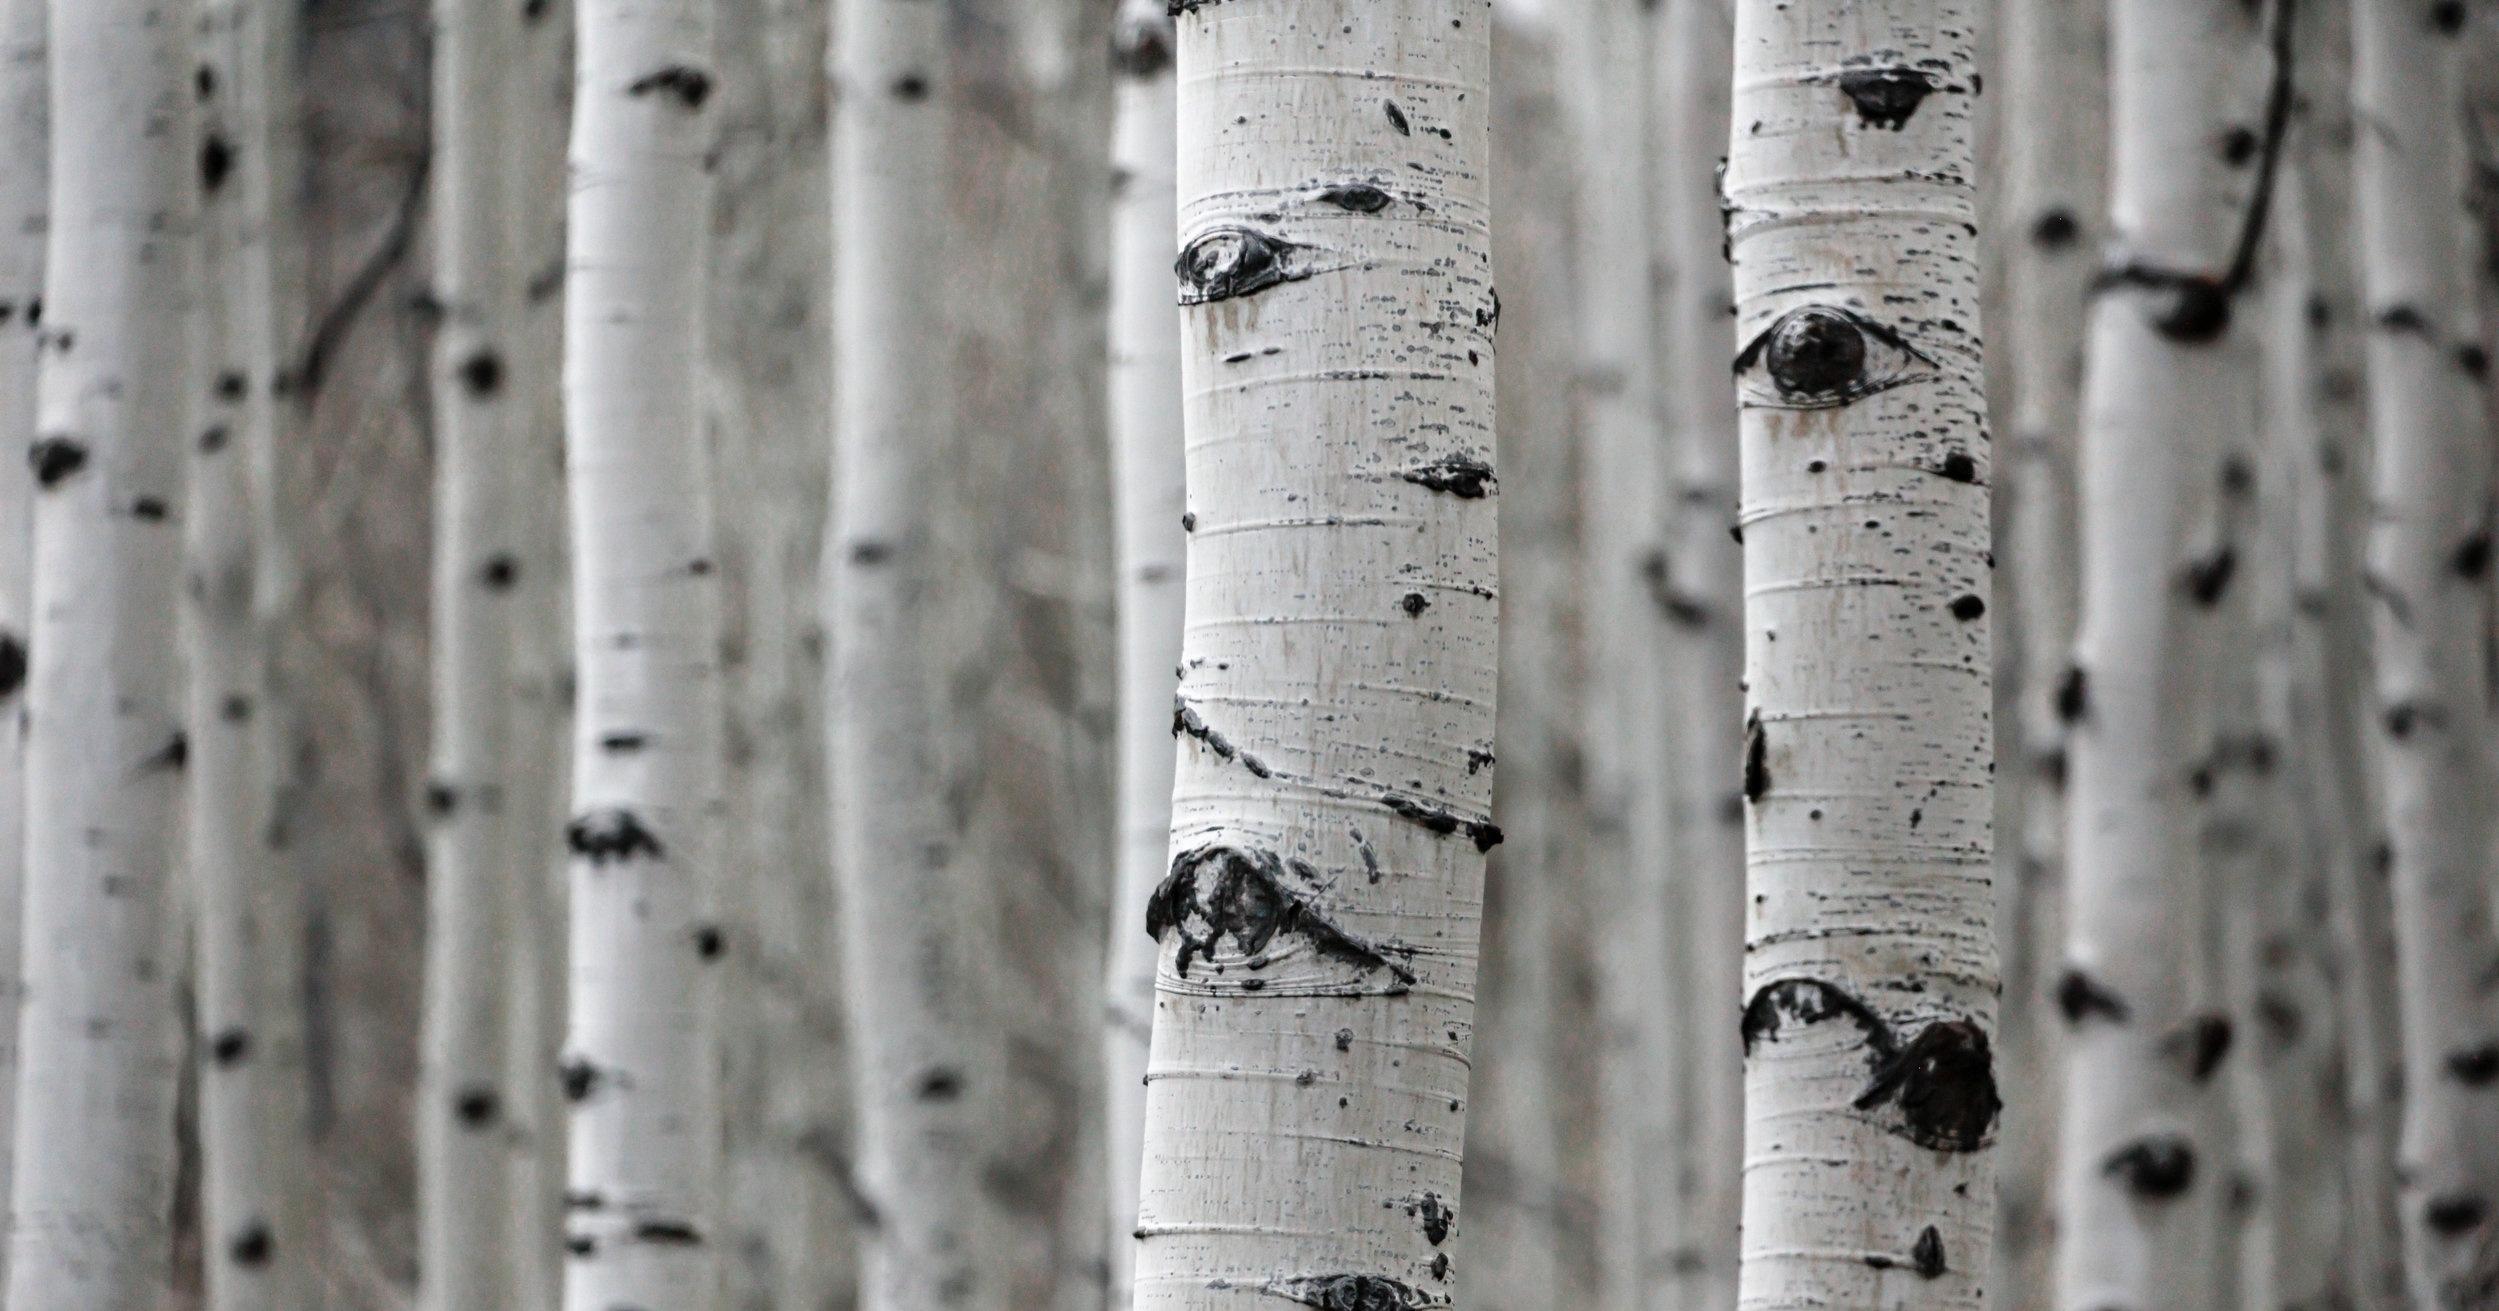 - Die Bewohner der Regionen, in denen im großen Stil Holz angebaut wird, verlieren ihre landwirtschaftlichen Flächen und werden durch die giftigen Fabrikabfälle gesundheitlich stark beeinträchtigt.